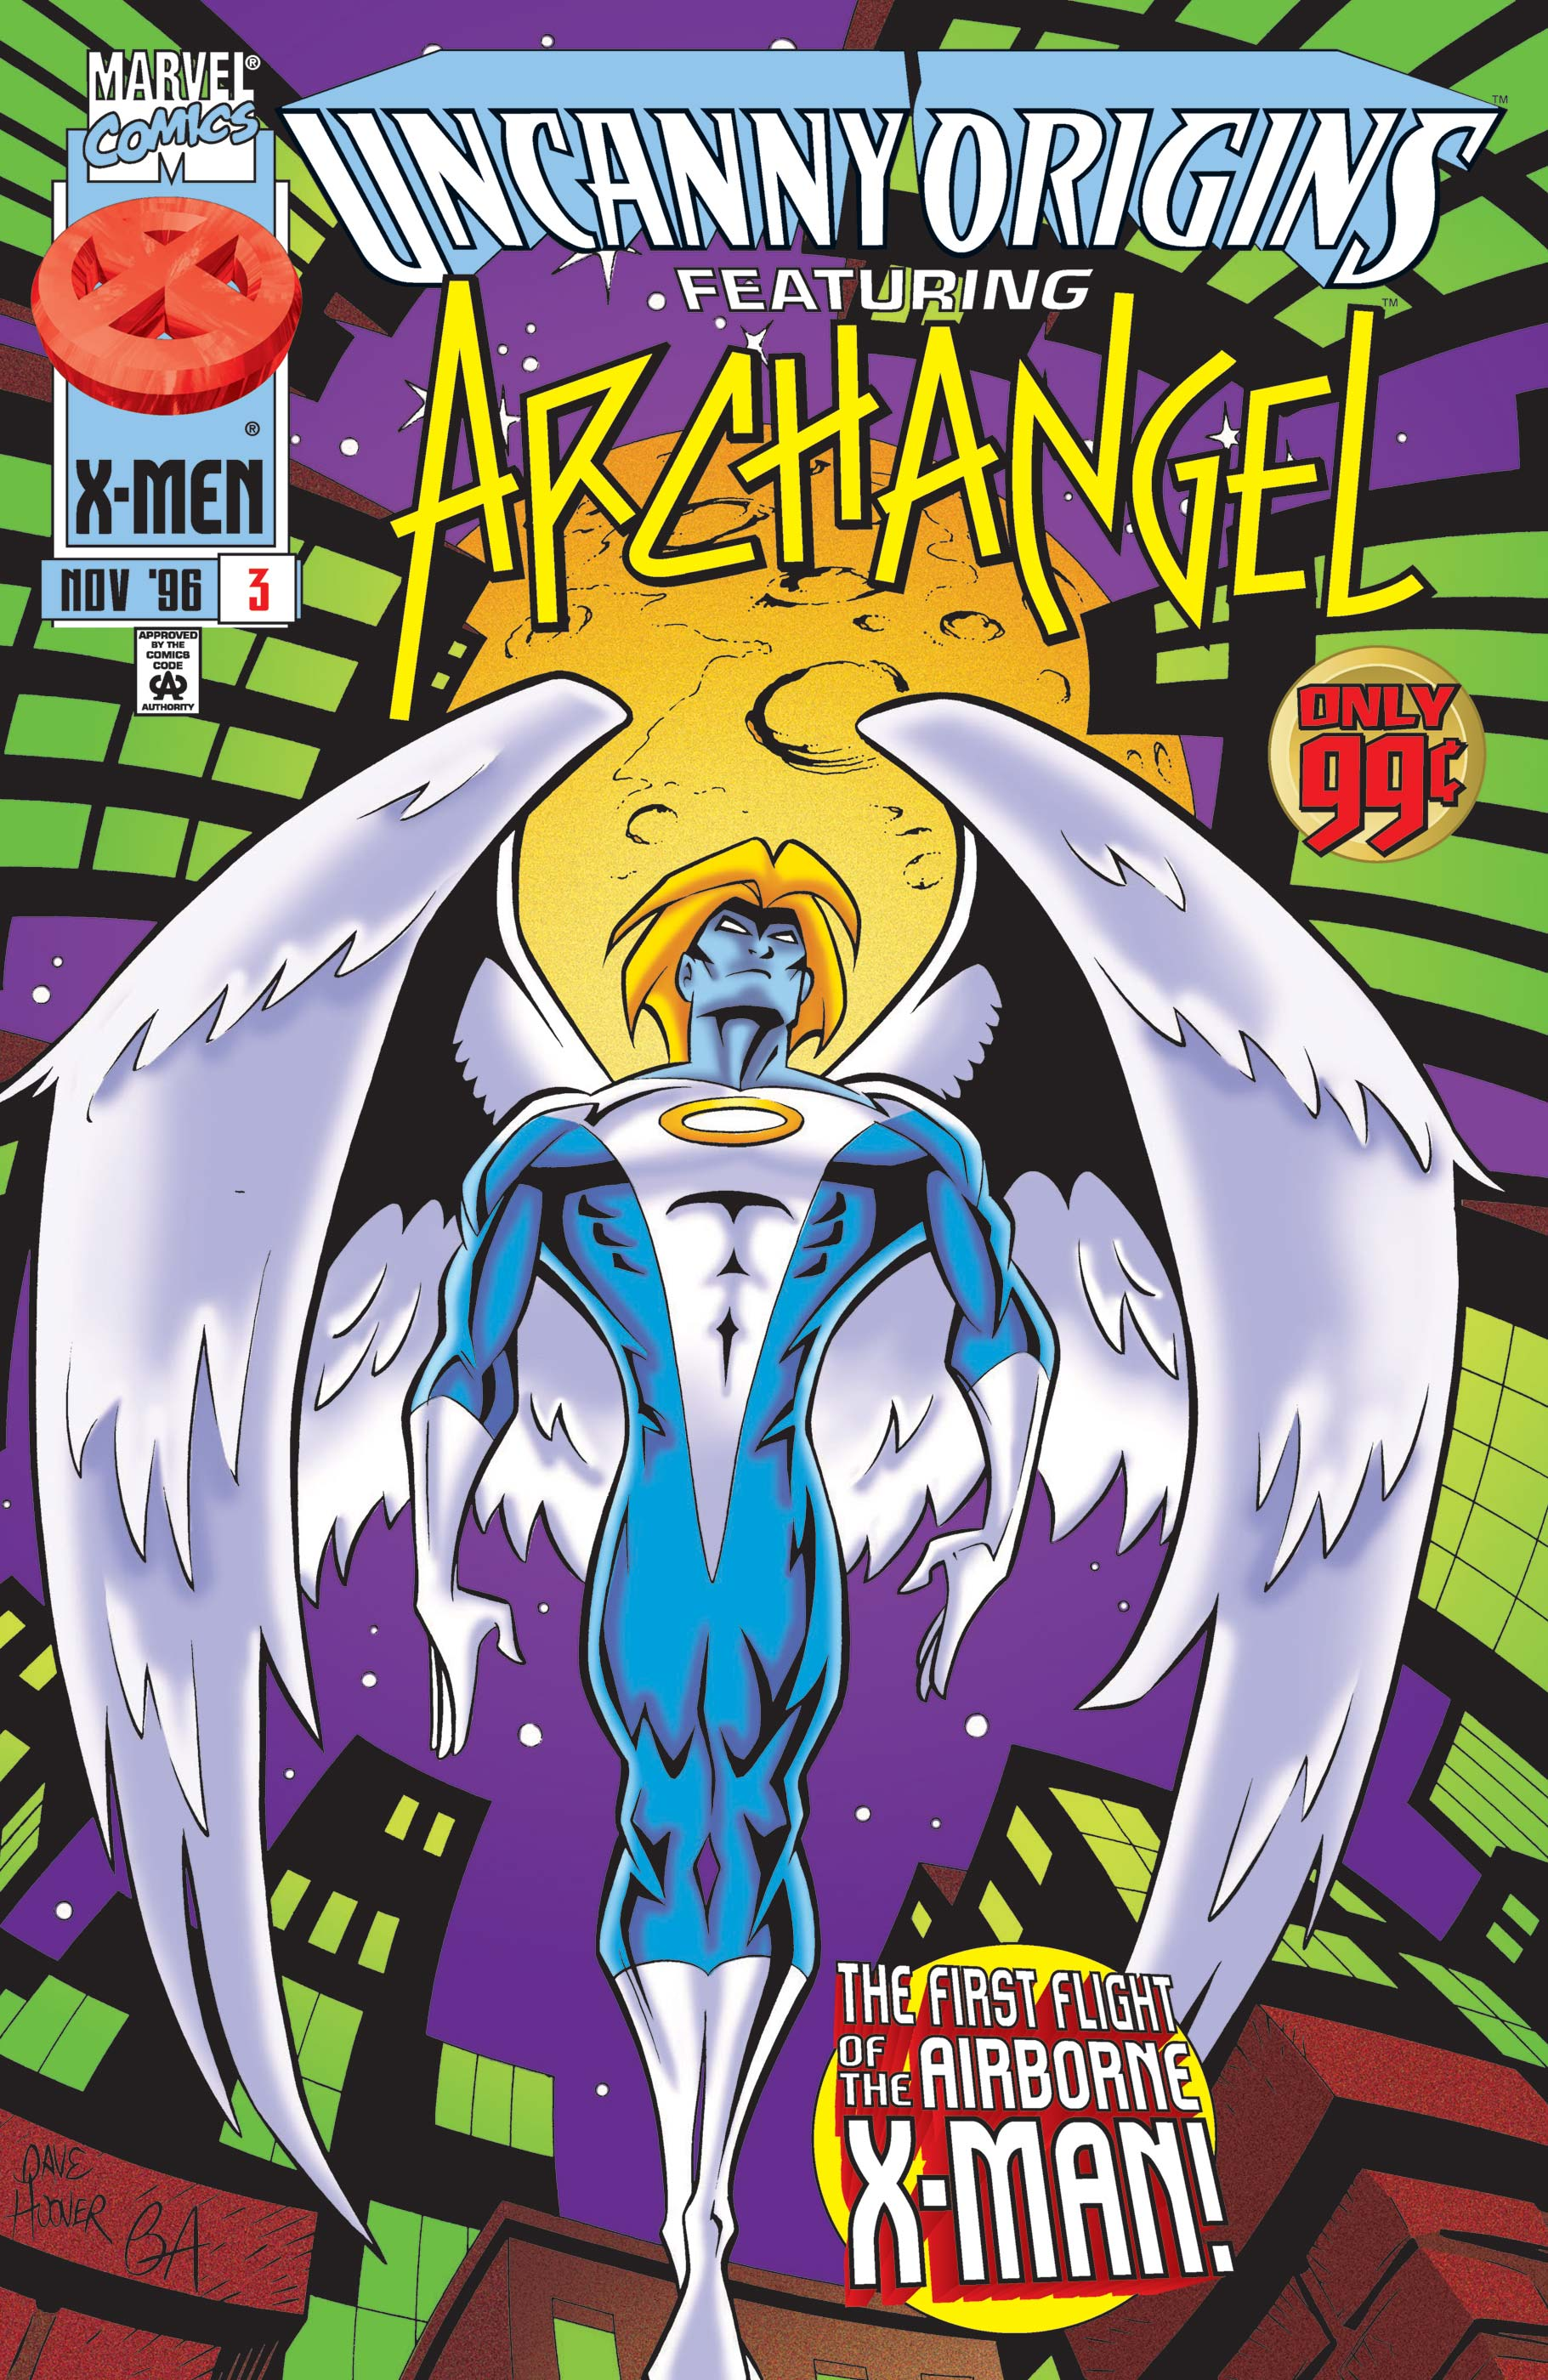 Uncanny Origins (1996) #3